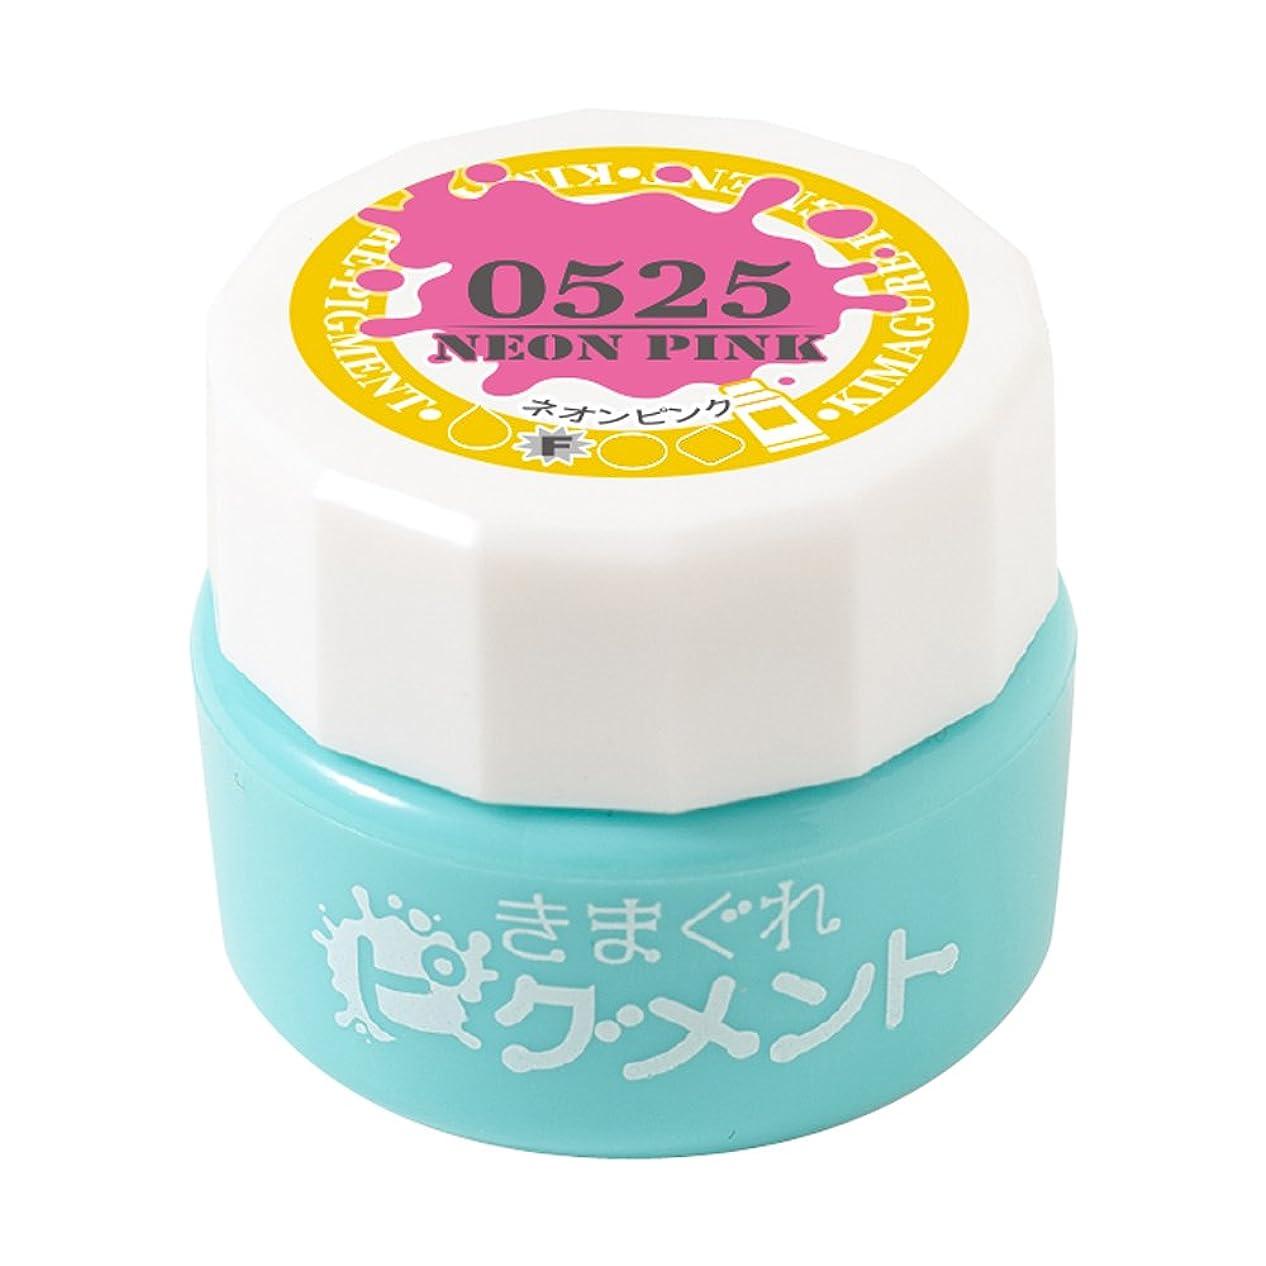 生活コンプリート保険Bettygel きまぐれピグメント ネオンピンク QYJ-0525 4g UV/LED対応